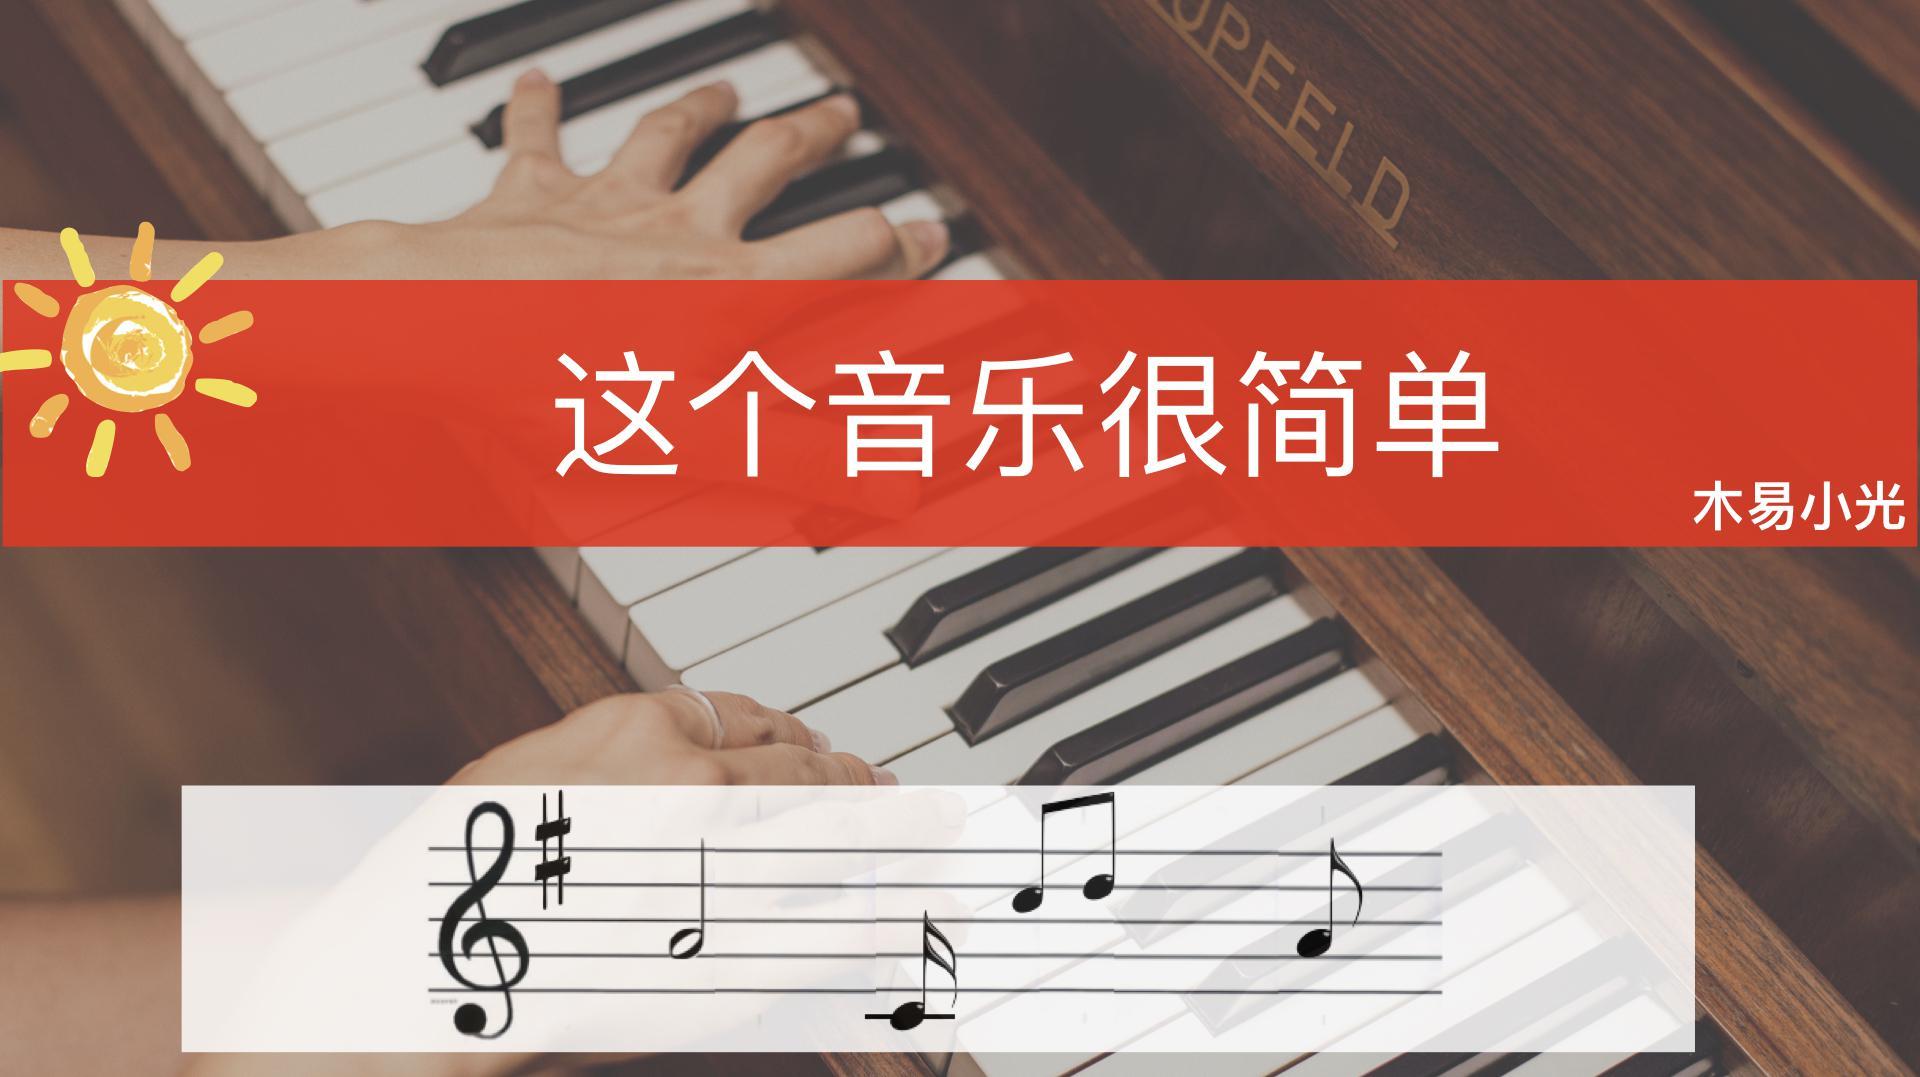 音乐基础教学,什么是拍子和拍号?